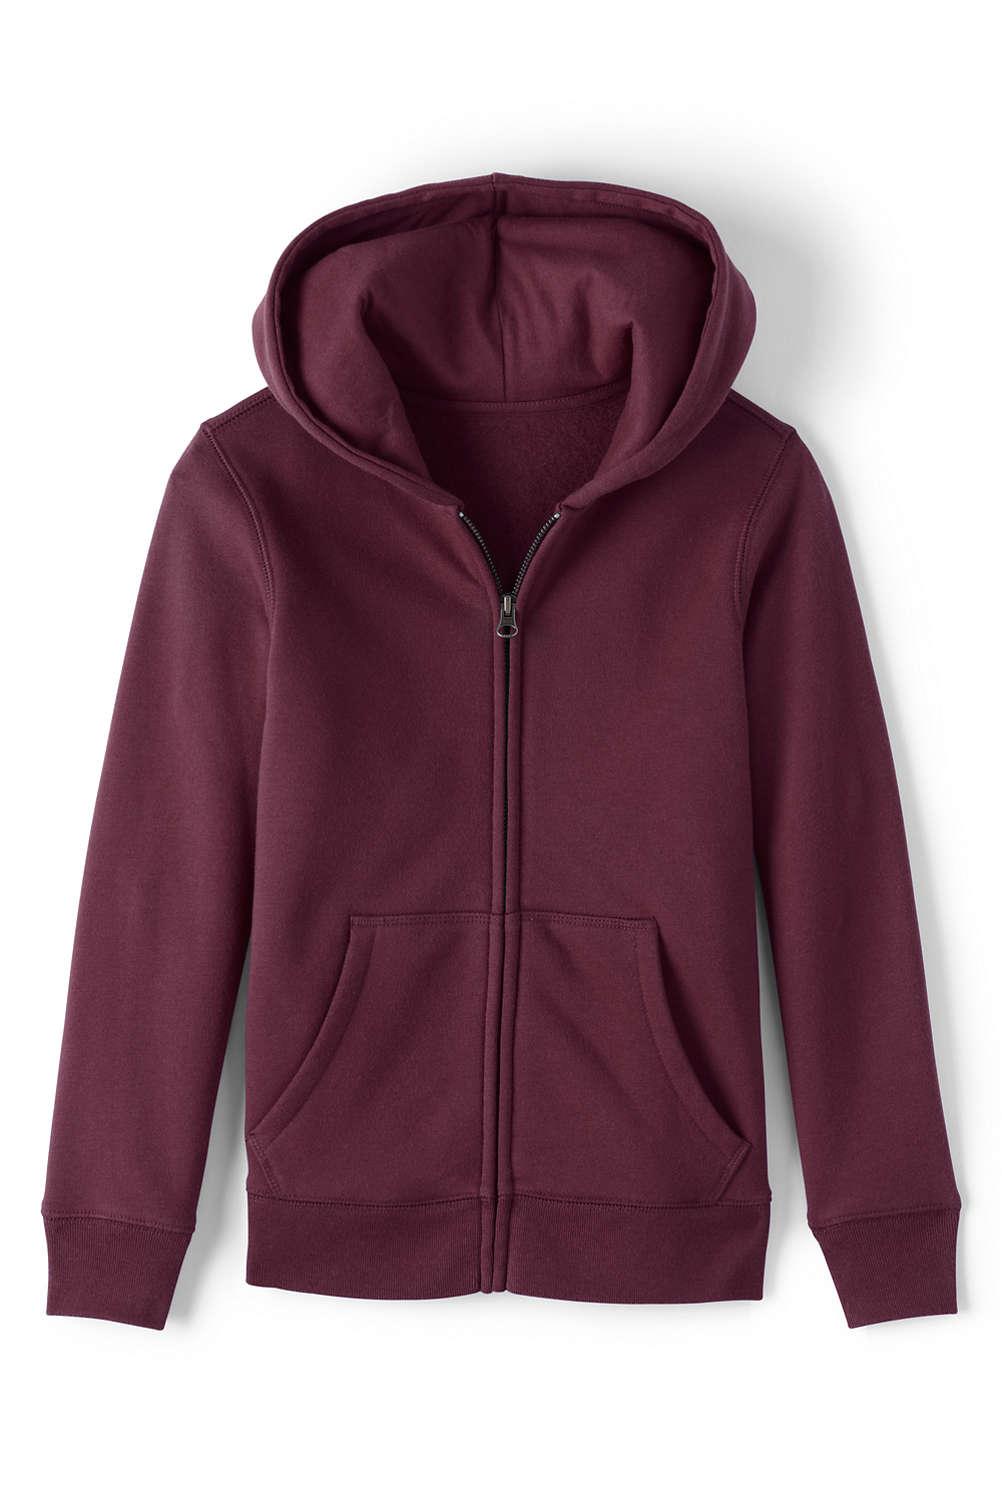 2d420a4cd7e6 School Uniform Girls Zip-front Sweatshirt from Lands  End